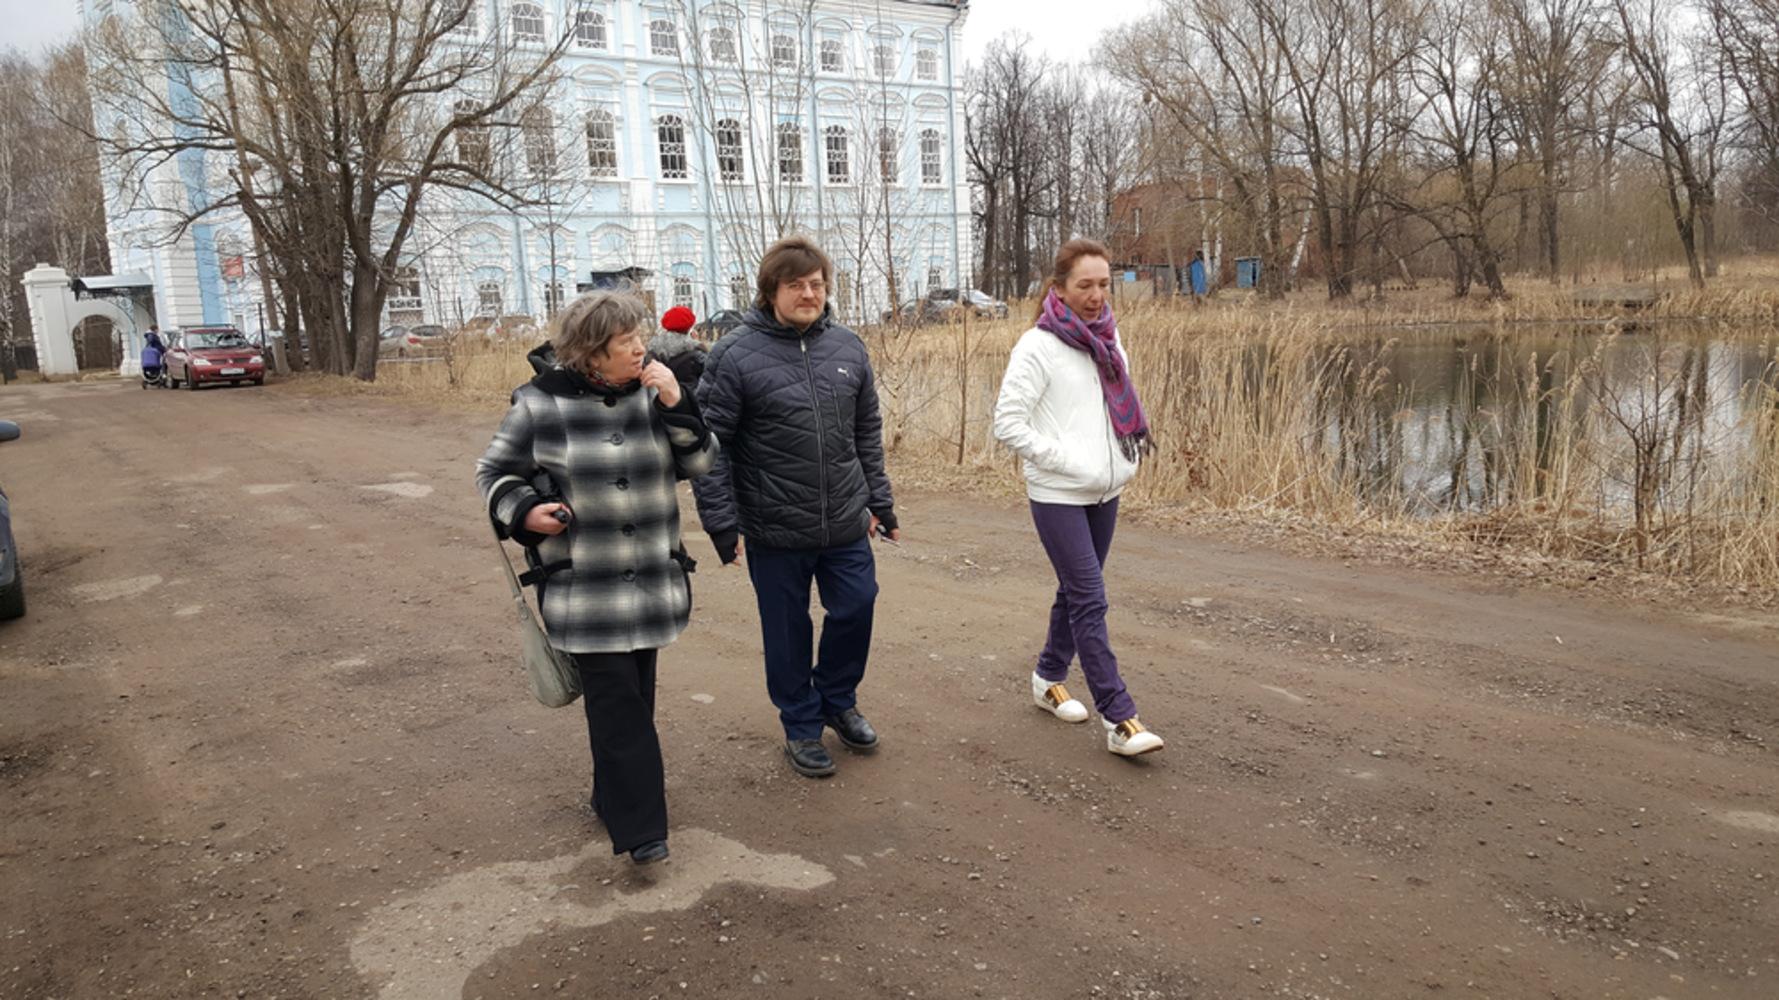 Анатолий Баташев посетил Петропавловский парк вЯрославле